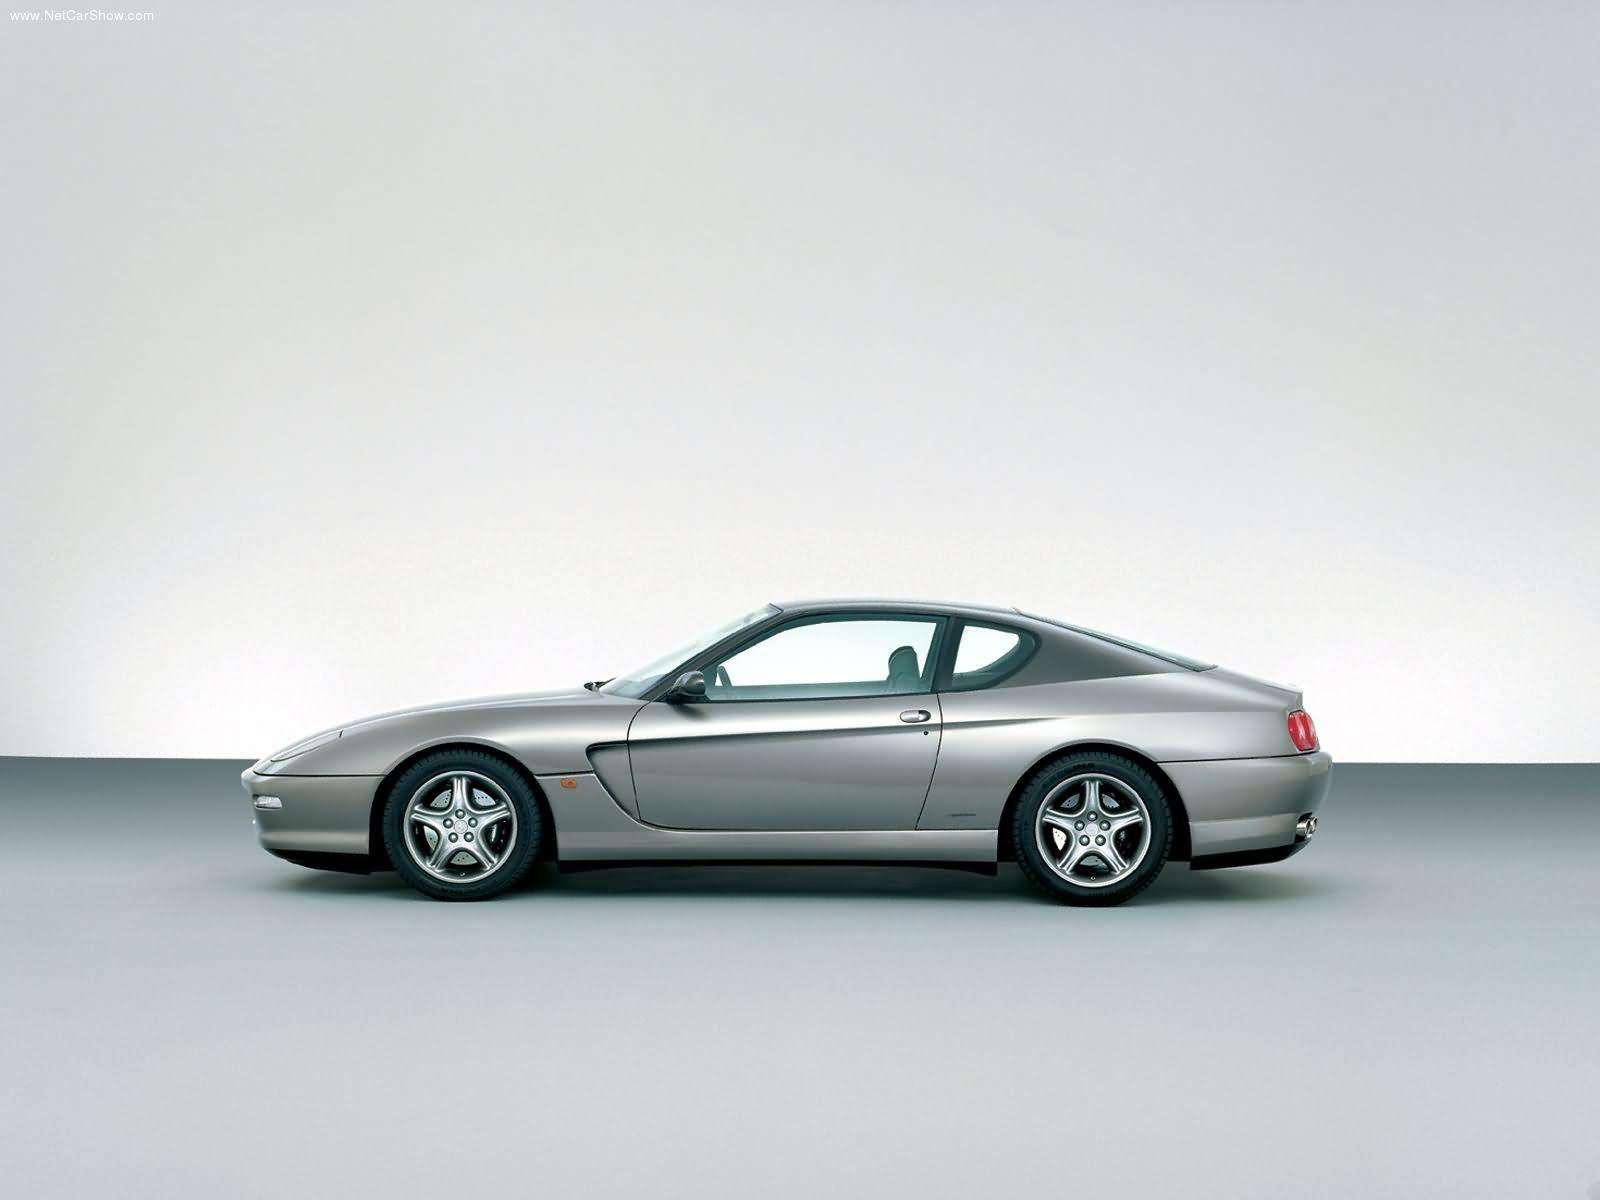 Hình ảnh siêu xe Ferrari 456M GT Scaglietti 2002 & nội ngoại thất